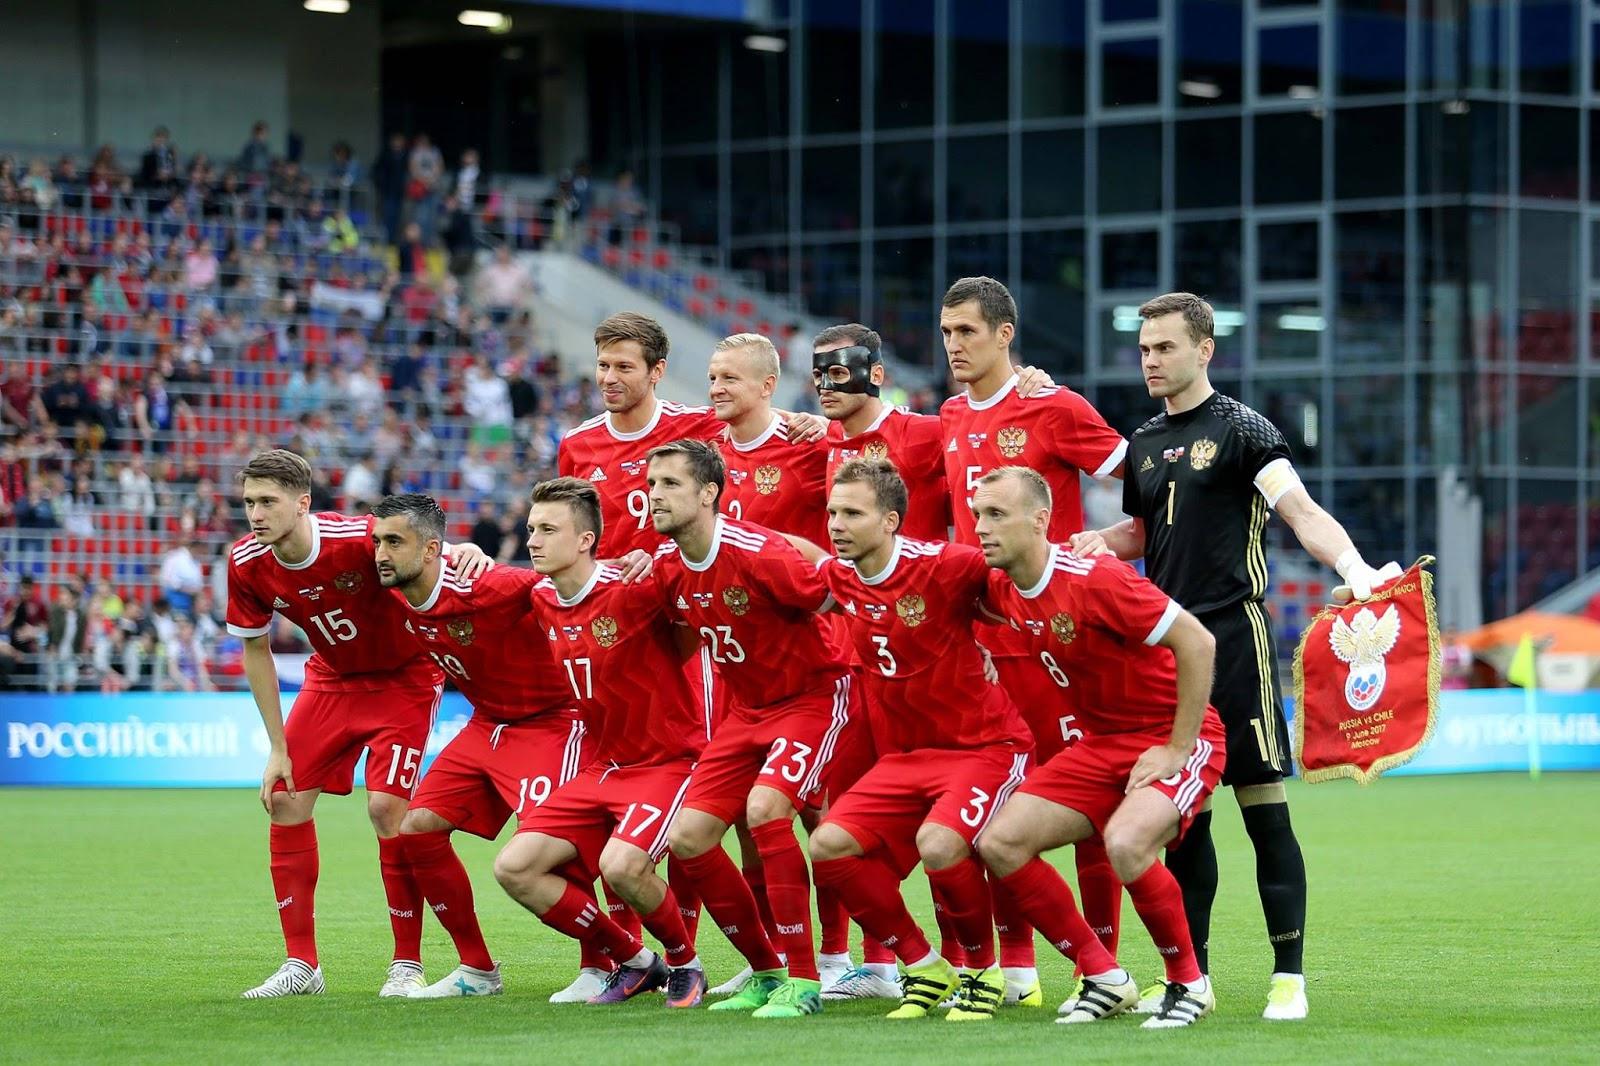 Formación de Rusia ante Chile, amistoso disputado el 9 de junio de 2017